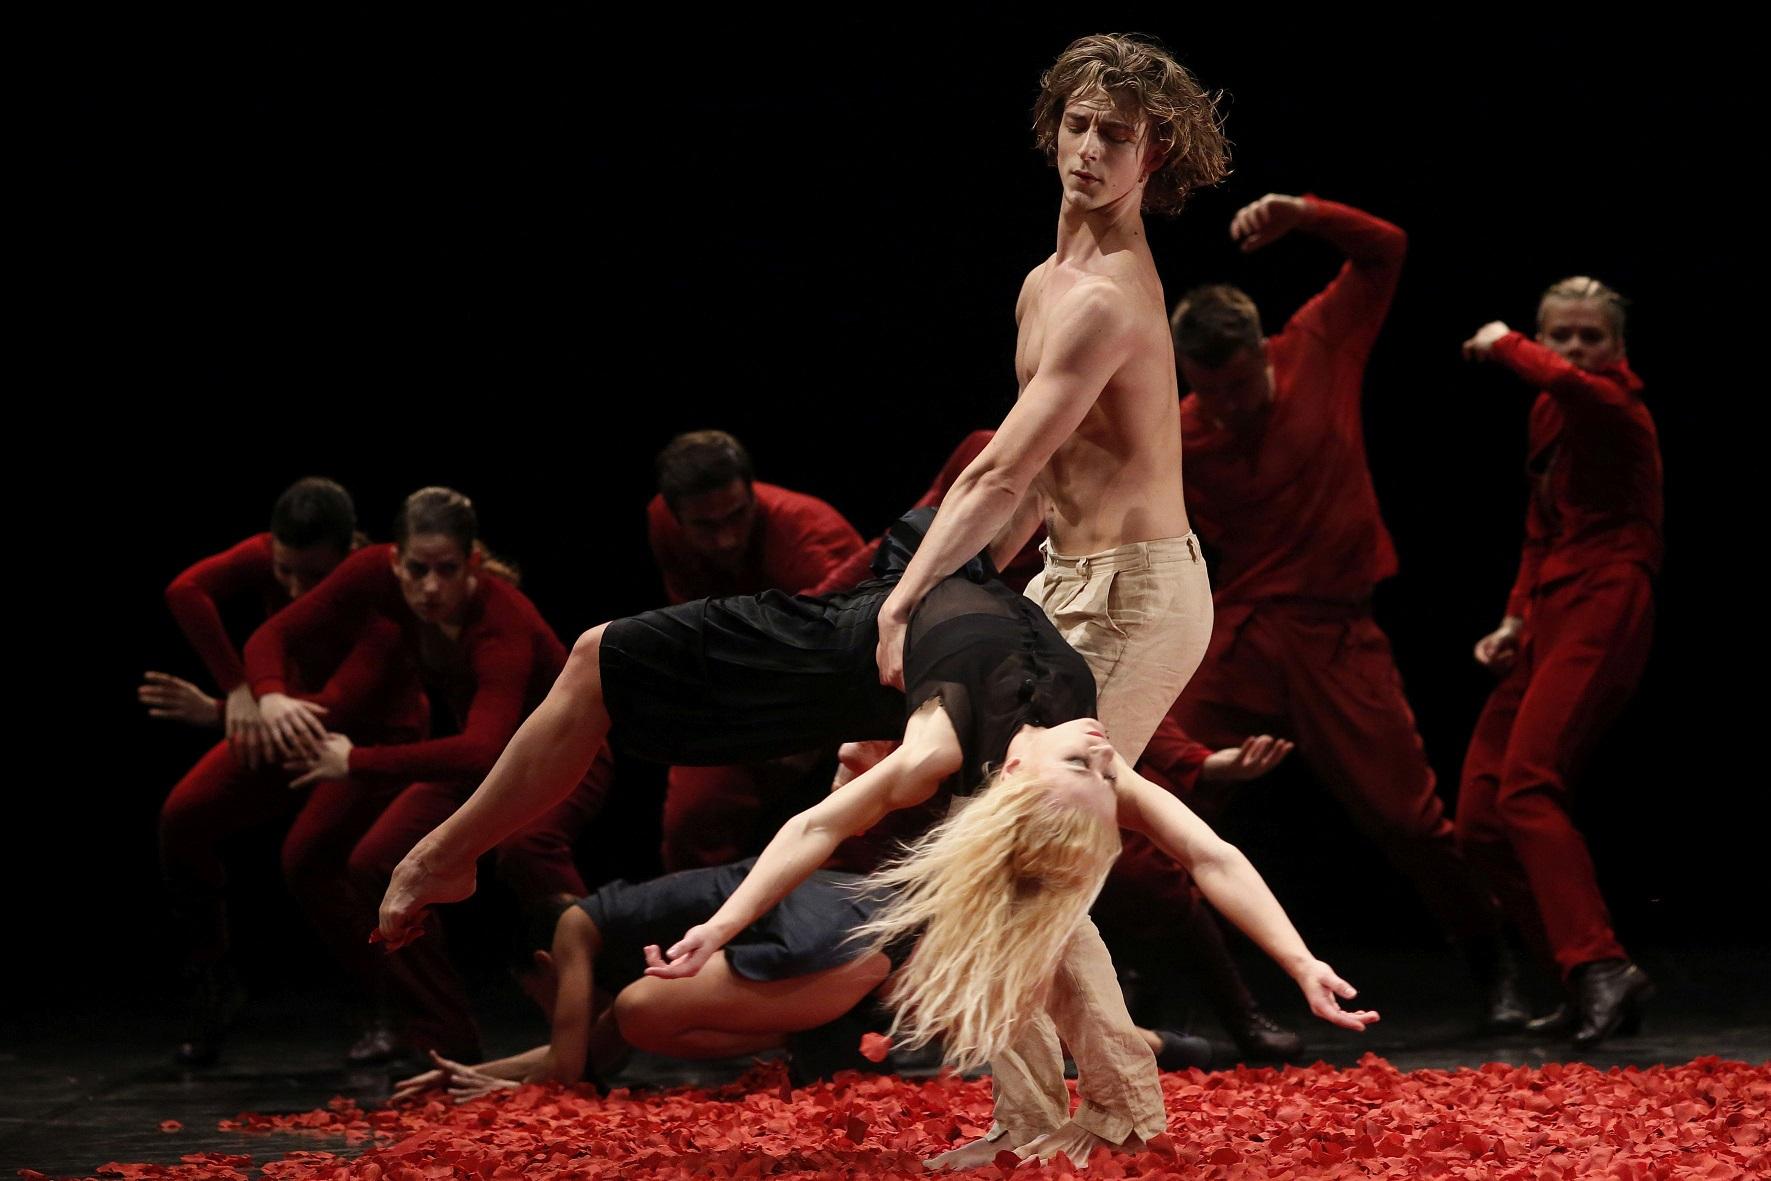 Bałtycki Teatr Tańca, Fedra, fot. Krzyszof Mystkowski